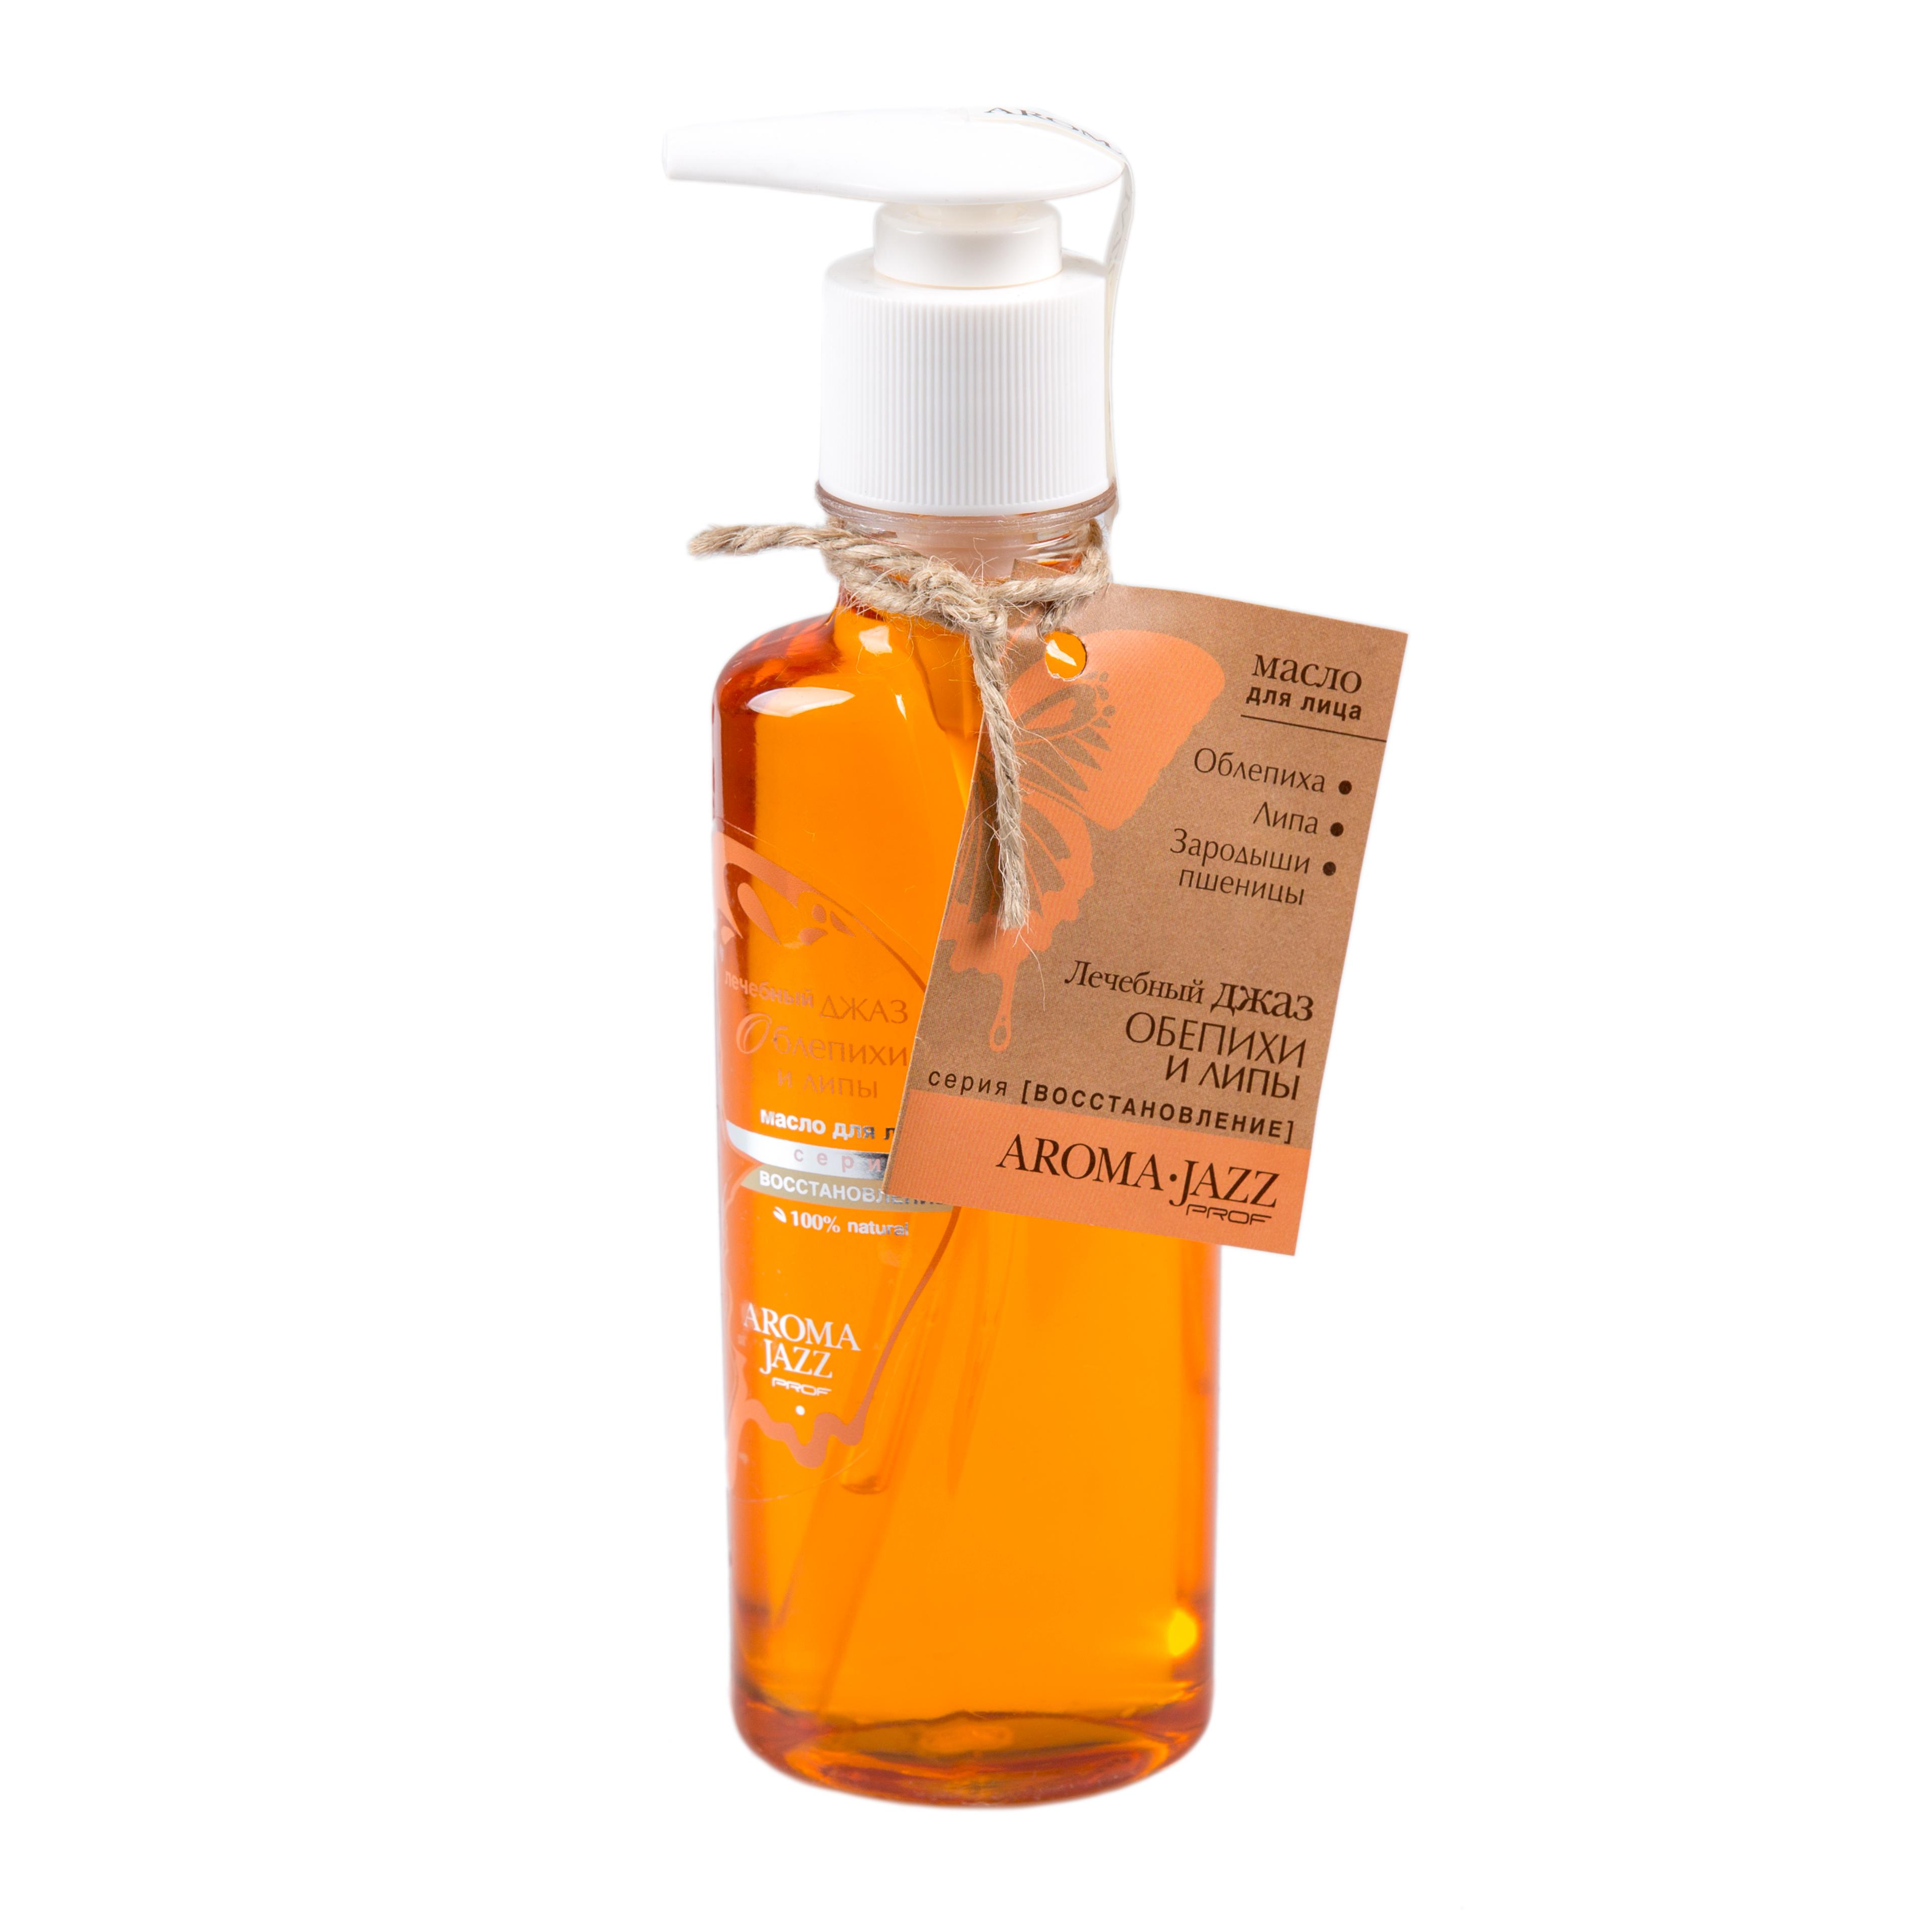 AROMA JAZZ Масло массажное жидкое для лица Лечебный джаз облепихи и липы 200млМасла<br>Питание, смягчающий и тонизирующий эффекты. Успокаивает, смягчает, тонизирует, очищает кожу, позволяет избавиться от веснушек. Масло стимулирует стойкий сочный загар, обладает репарационным эффектом при повреждениях кожи и слизистых оболочек, способствует заживлению рубцов после угревой сыпи.  Лечебный джаз облепихи и липы  укрепляет иммунитет, снимает воспалительные процессы и напряжение. Вдохните аромат липы. Его теплые объятия увлекут вас в мир приятных воспоминаний, а энергия счастья вновь растечется по телу. Активные ингредиенты: масла оливы, кокоса, пальмы растительное с витамином Е; экстракты проросшей пшеницы, облепихи, цветов липы; эфирные масла душицы, мяты и липы. Способ применения: рекомендовано после микрошлифовок, чисток, пластических операций, после принятия солнечных ванн и посещения солярия, для массажа лица, втирания после душа и SPA-процедур в салоне и дома.<br><br>Объем: 200 мл<br>Класс косметики: Лечебная